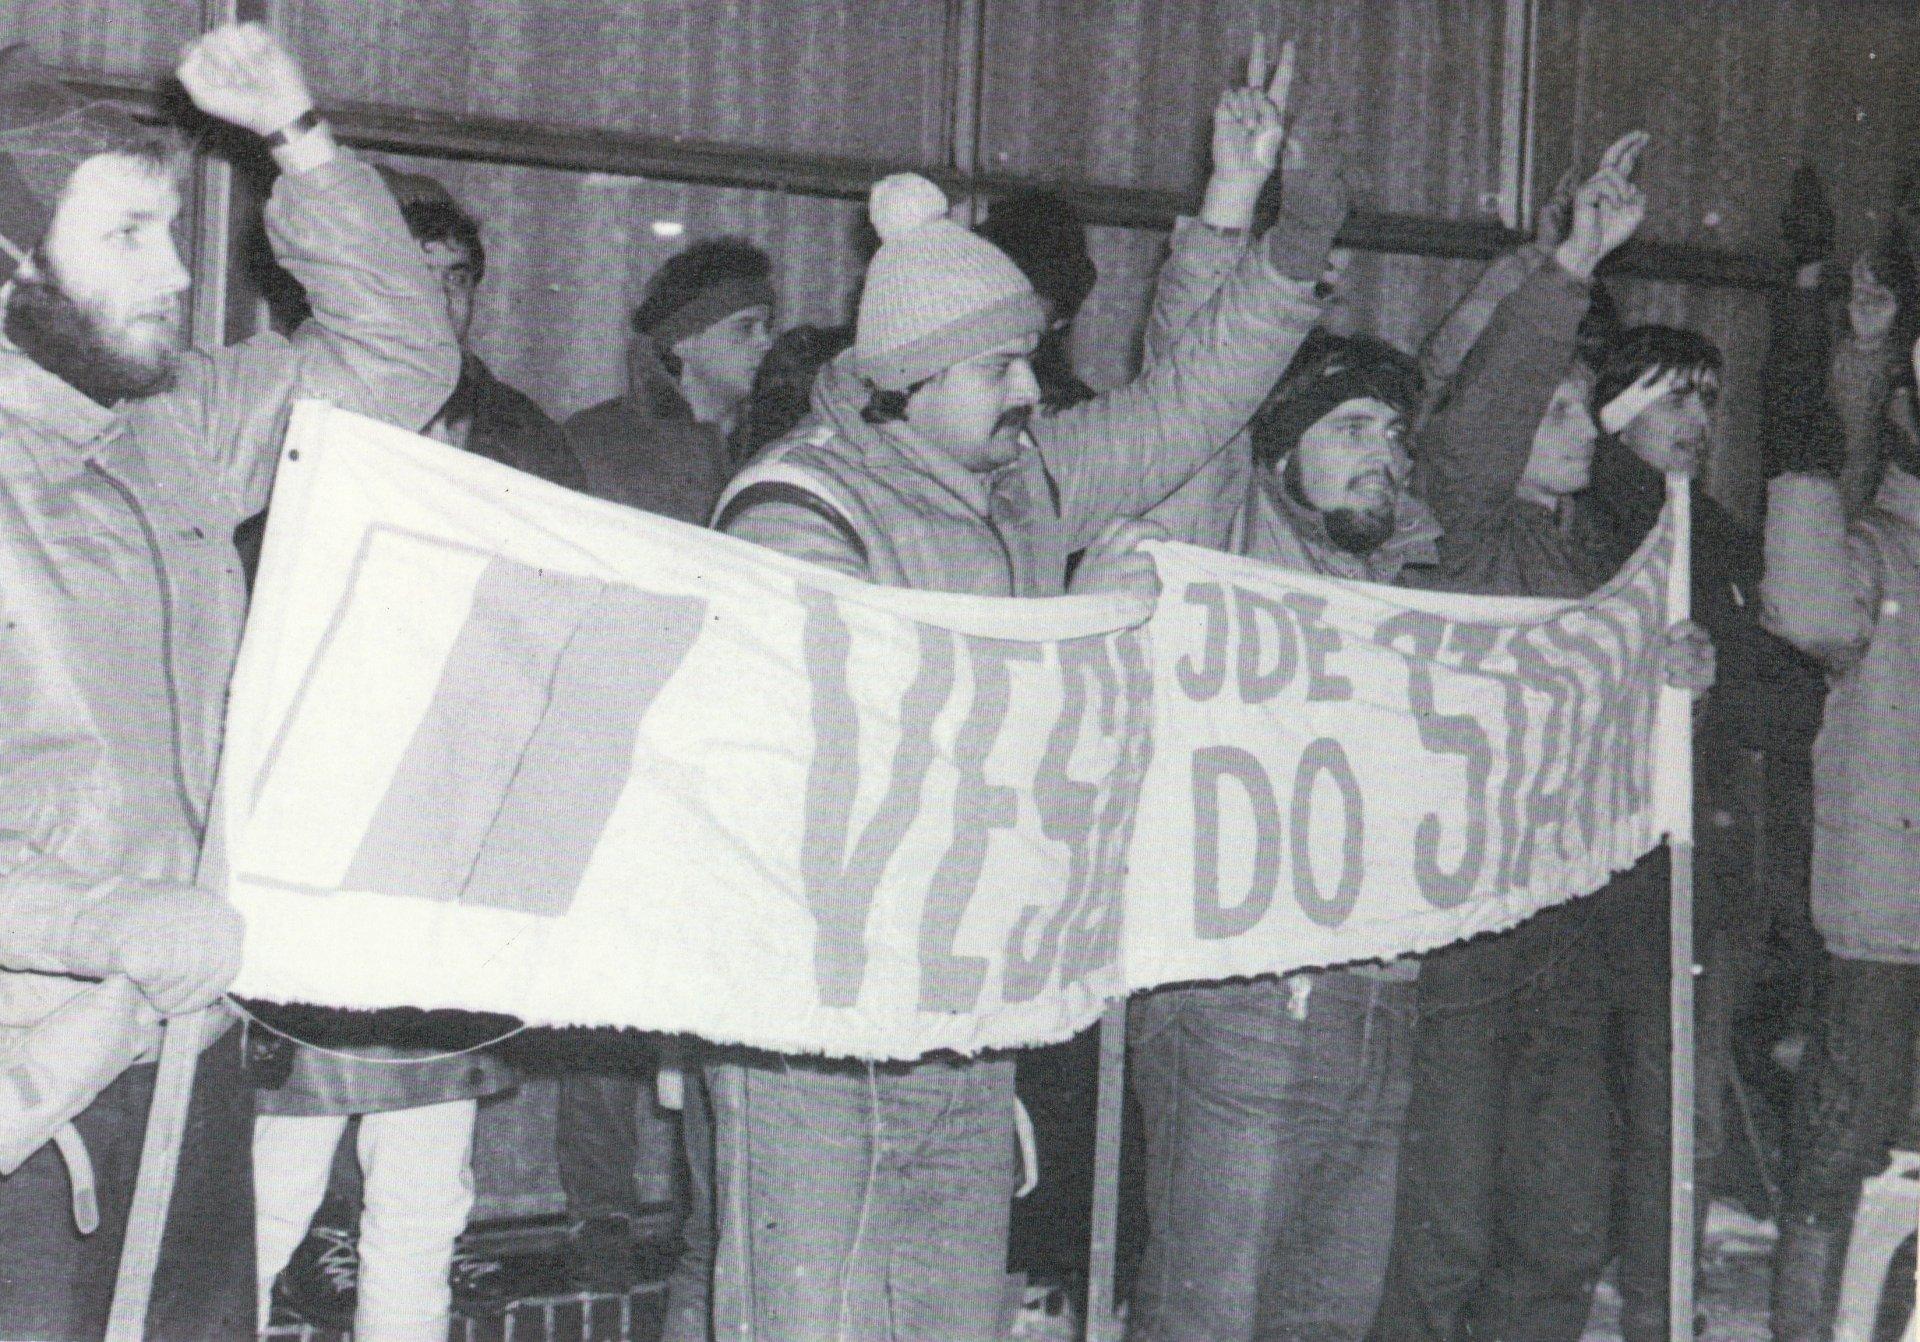 Události listopadu 1989 ve Veselí nad Moravou - dokumenty a fotografie